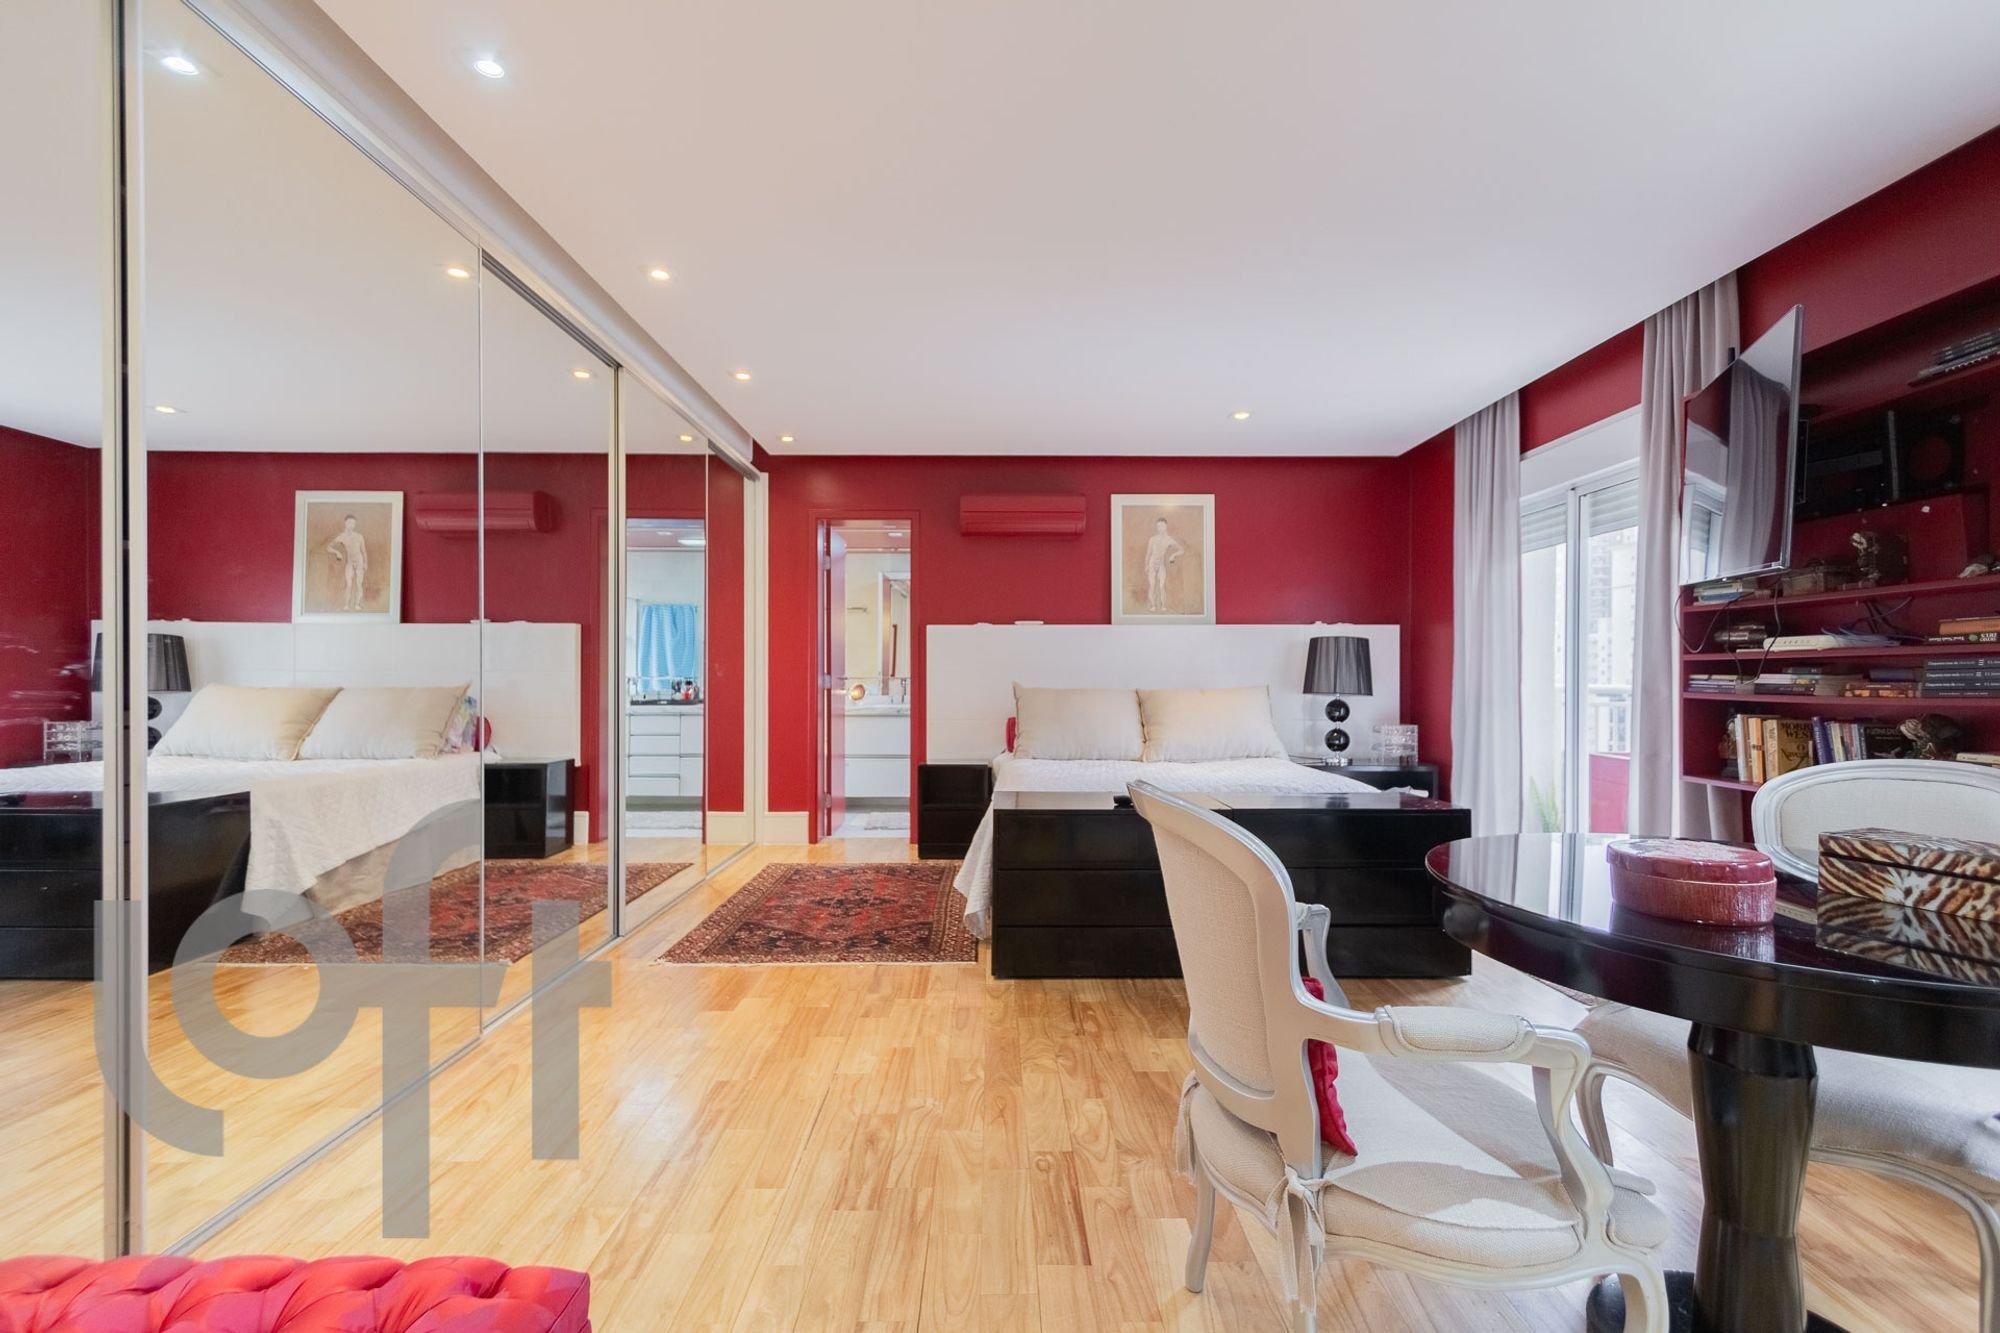 Foto de Sala com cama, sofá, tigela, cadeira, livro, mesa de jantar